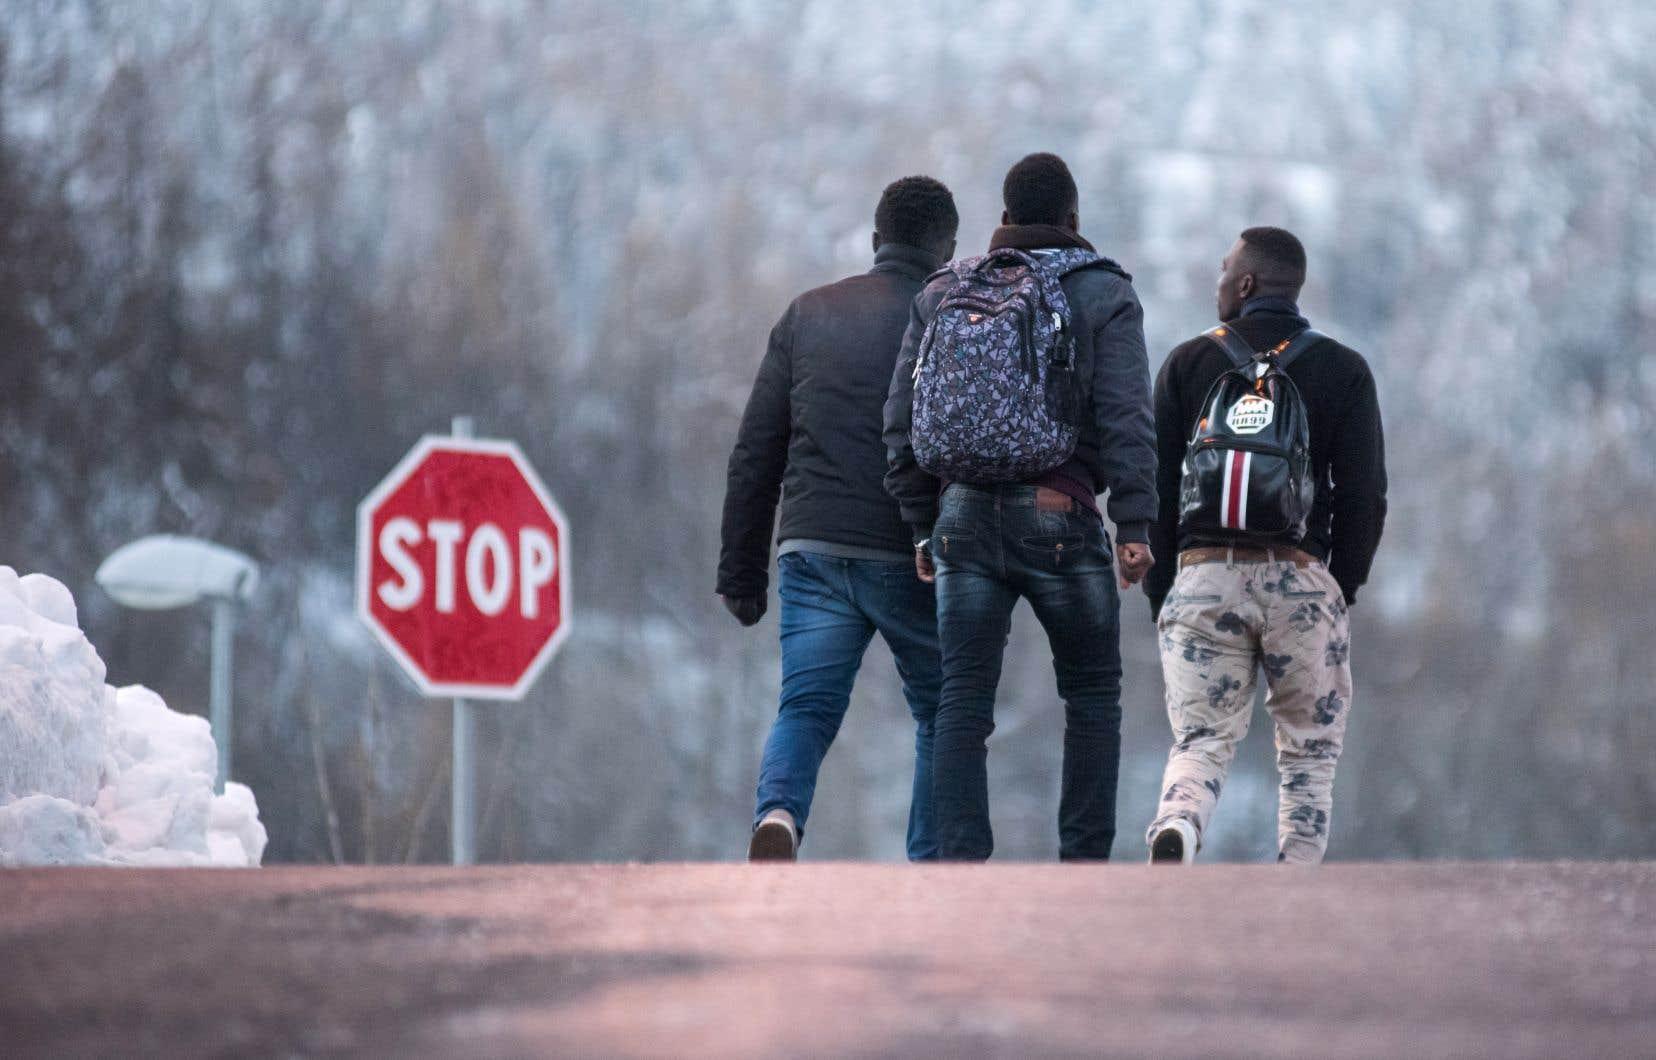 Le Fonds monétaire international exhorte à «repenser les politiques migratoires pour dynamiser la main-d'oeuvre disponible dans les économies avancées».